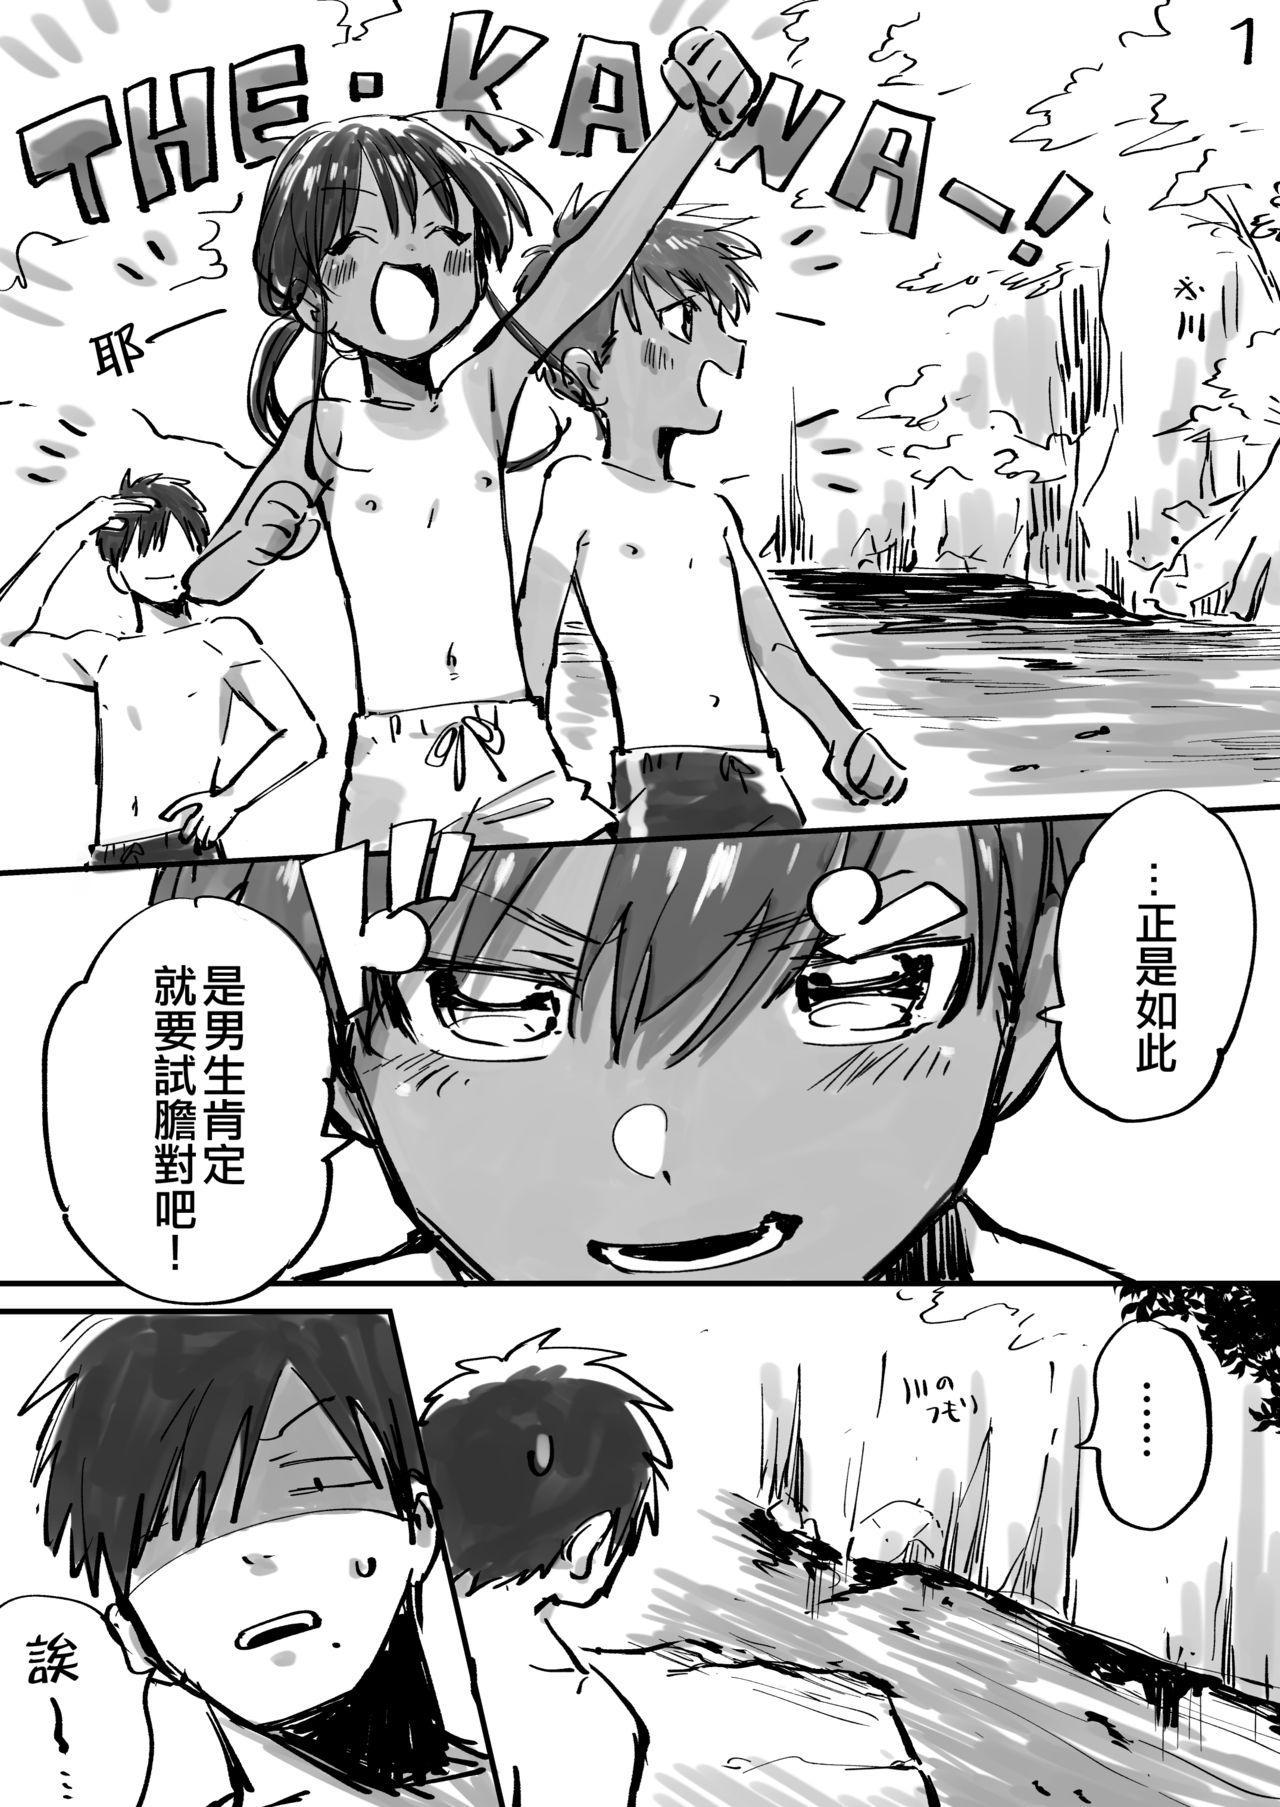 Inaka ni Kaeru to Yakeni Jiben ni Natsuita Kasshoku Ponytail Shota ga Iru 22